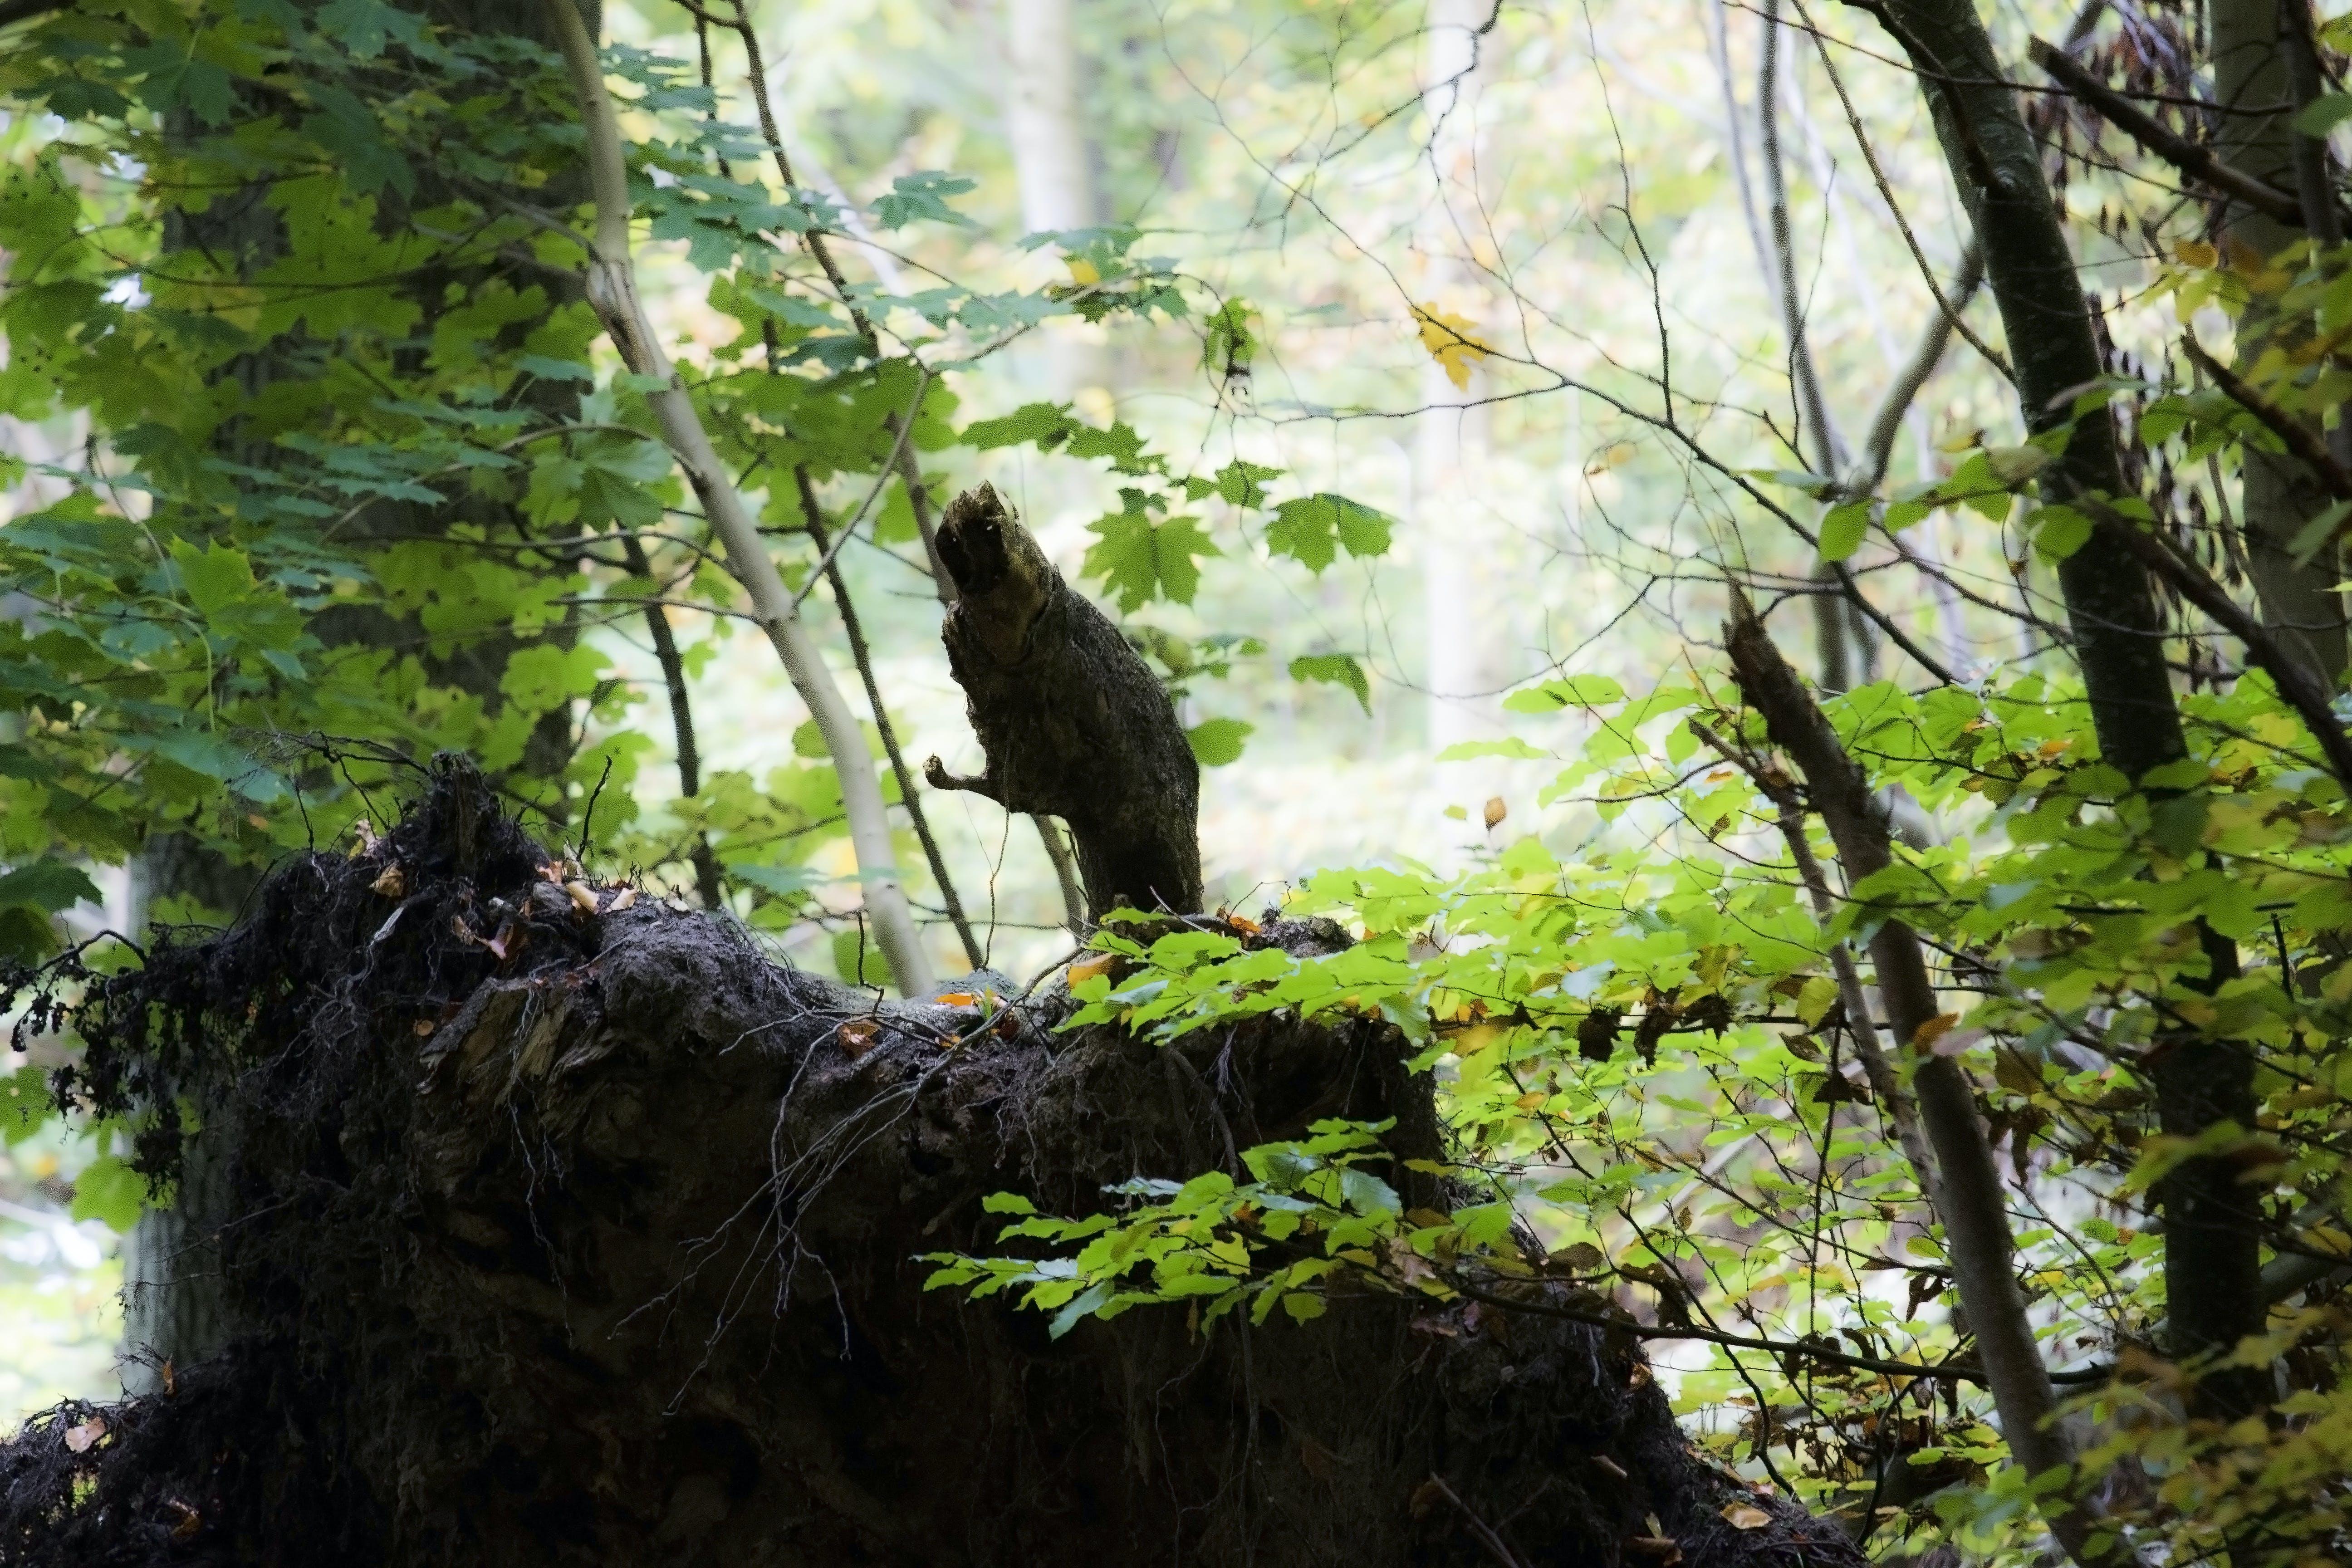 나무, 숲, 자연의 무료 스톡 사진